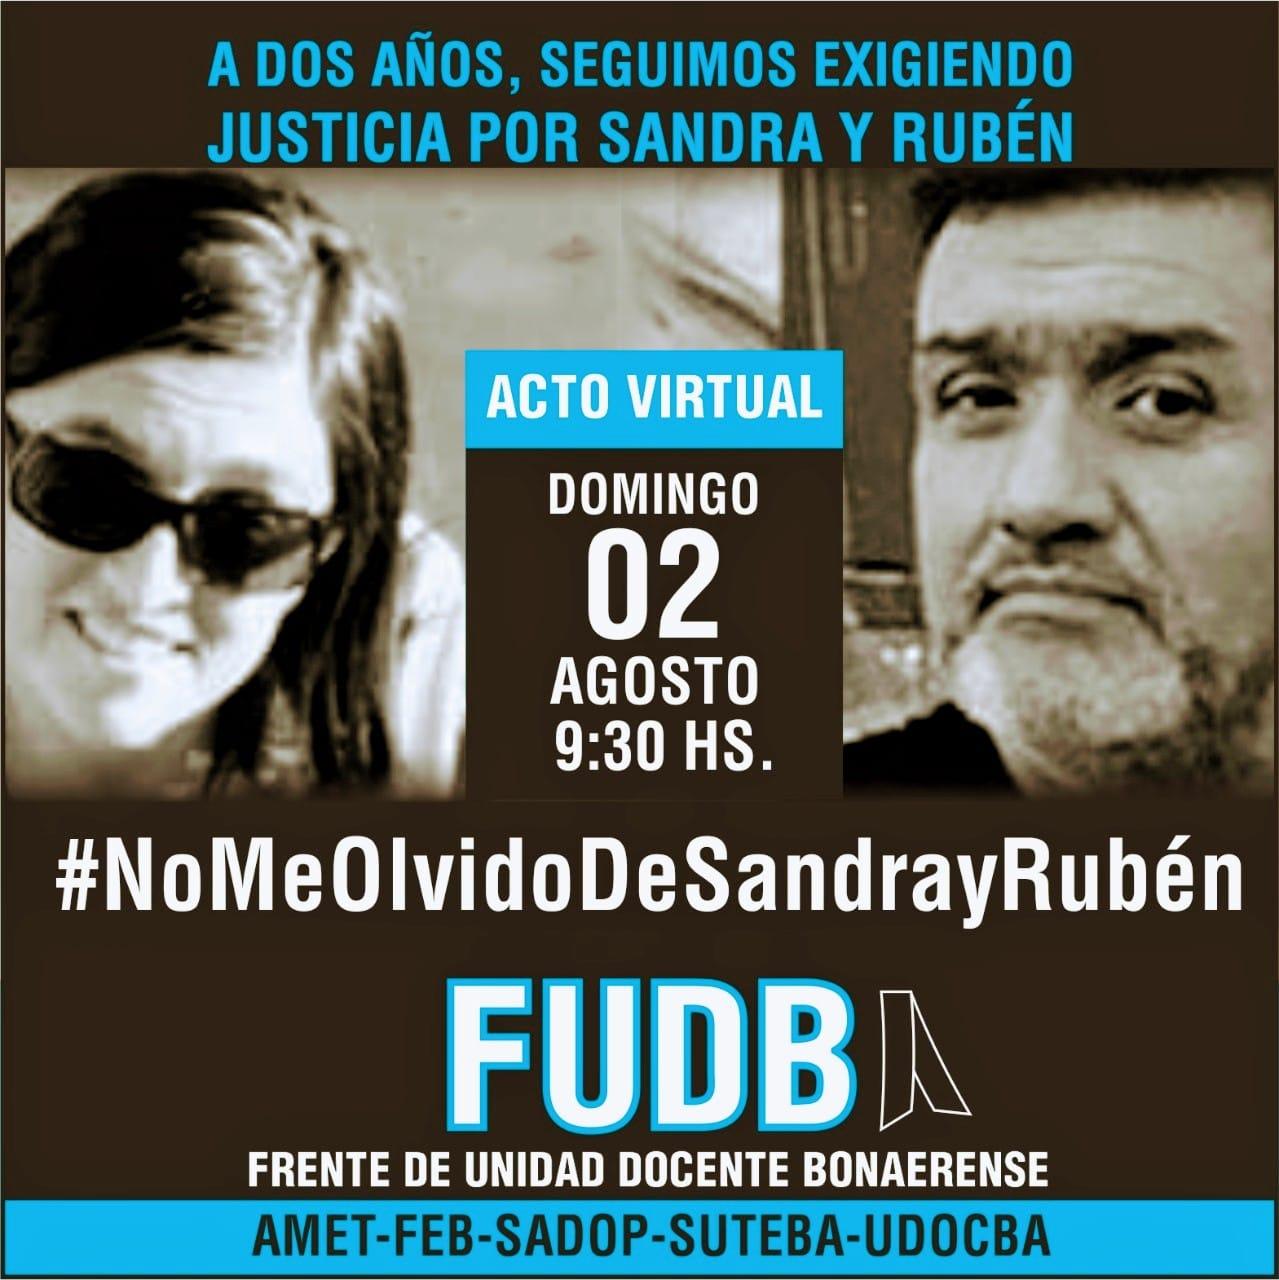 En este momento estás viendo A DOS AÑOS DE LA MUERTE DE SANDRA Y RUBEN SEGUIMOS RECLAMANDO JUSTICIA